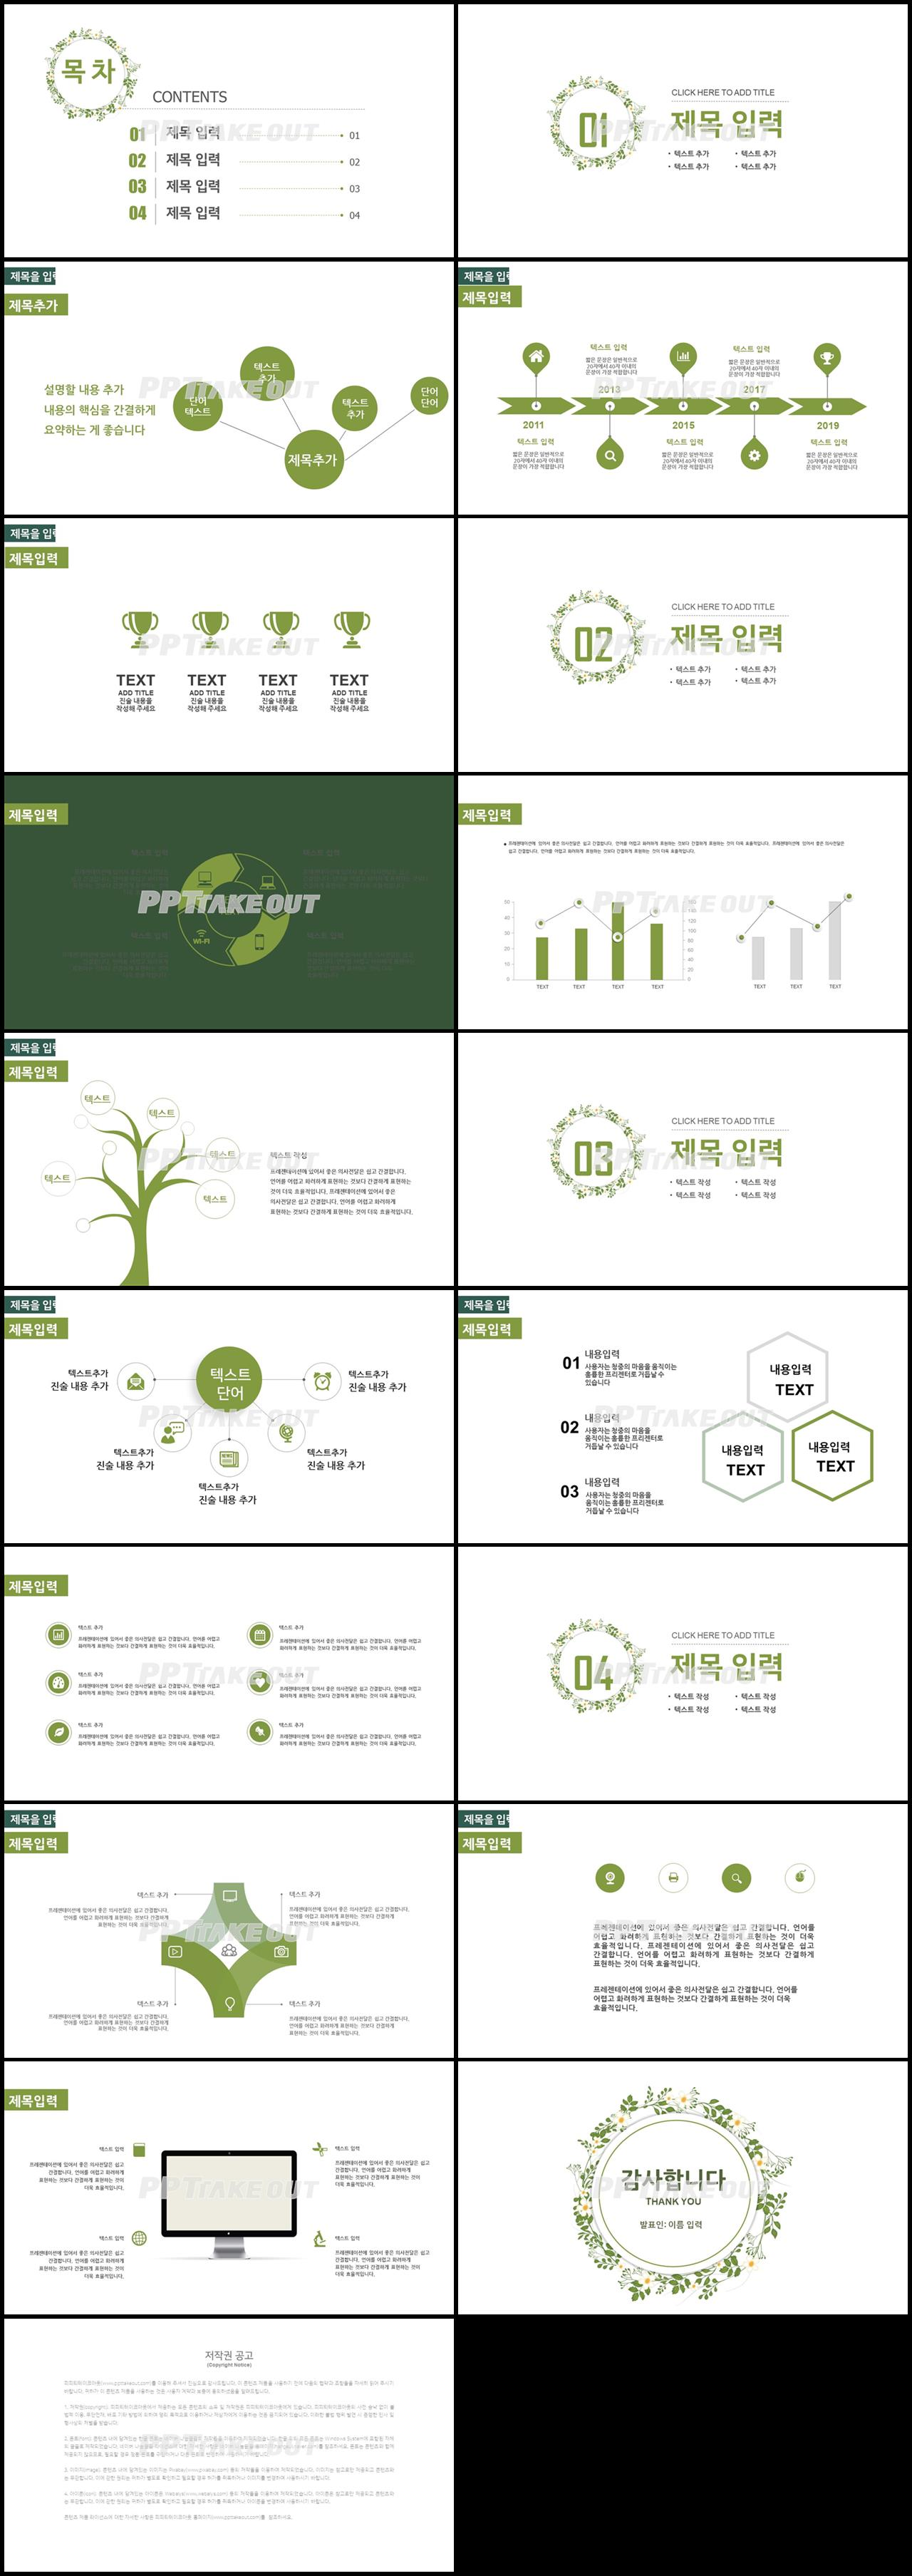 플라워, 동물주제 초록색 아담한 고급스럽운 POWERPOINT배경 사이트 상세보기